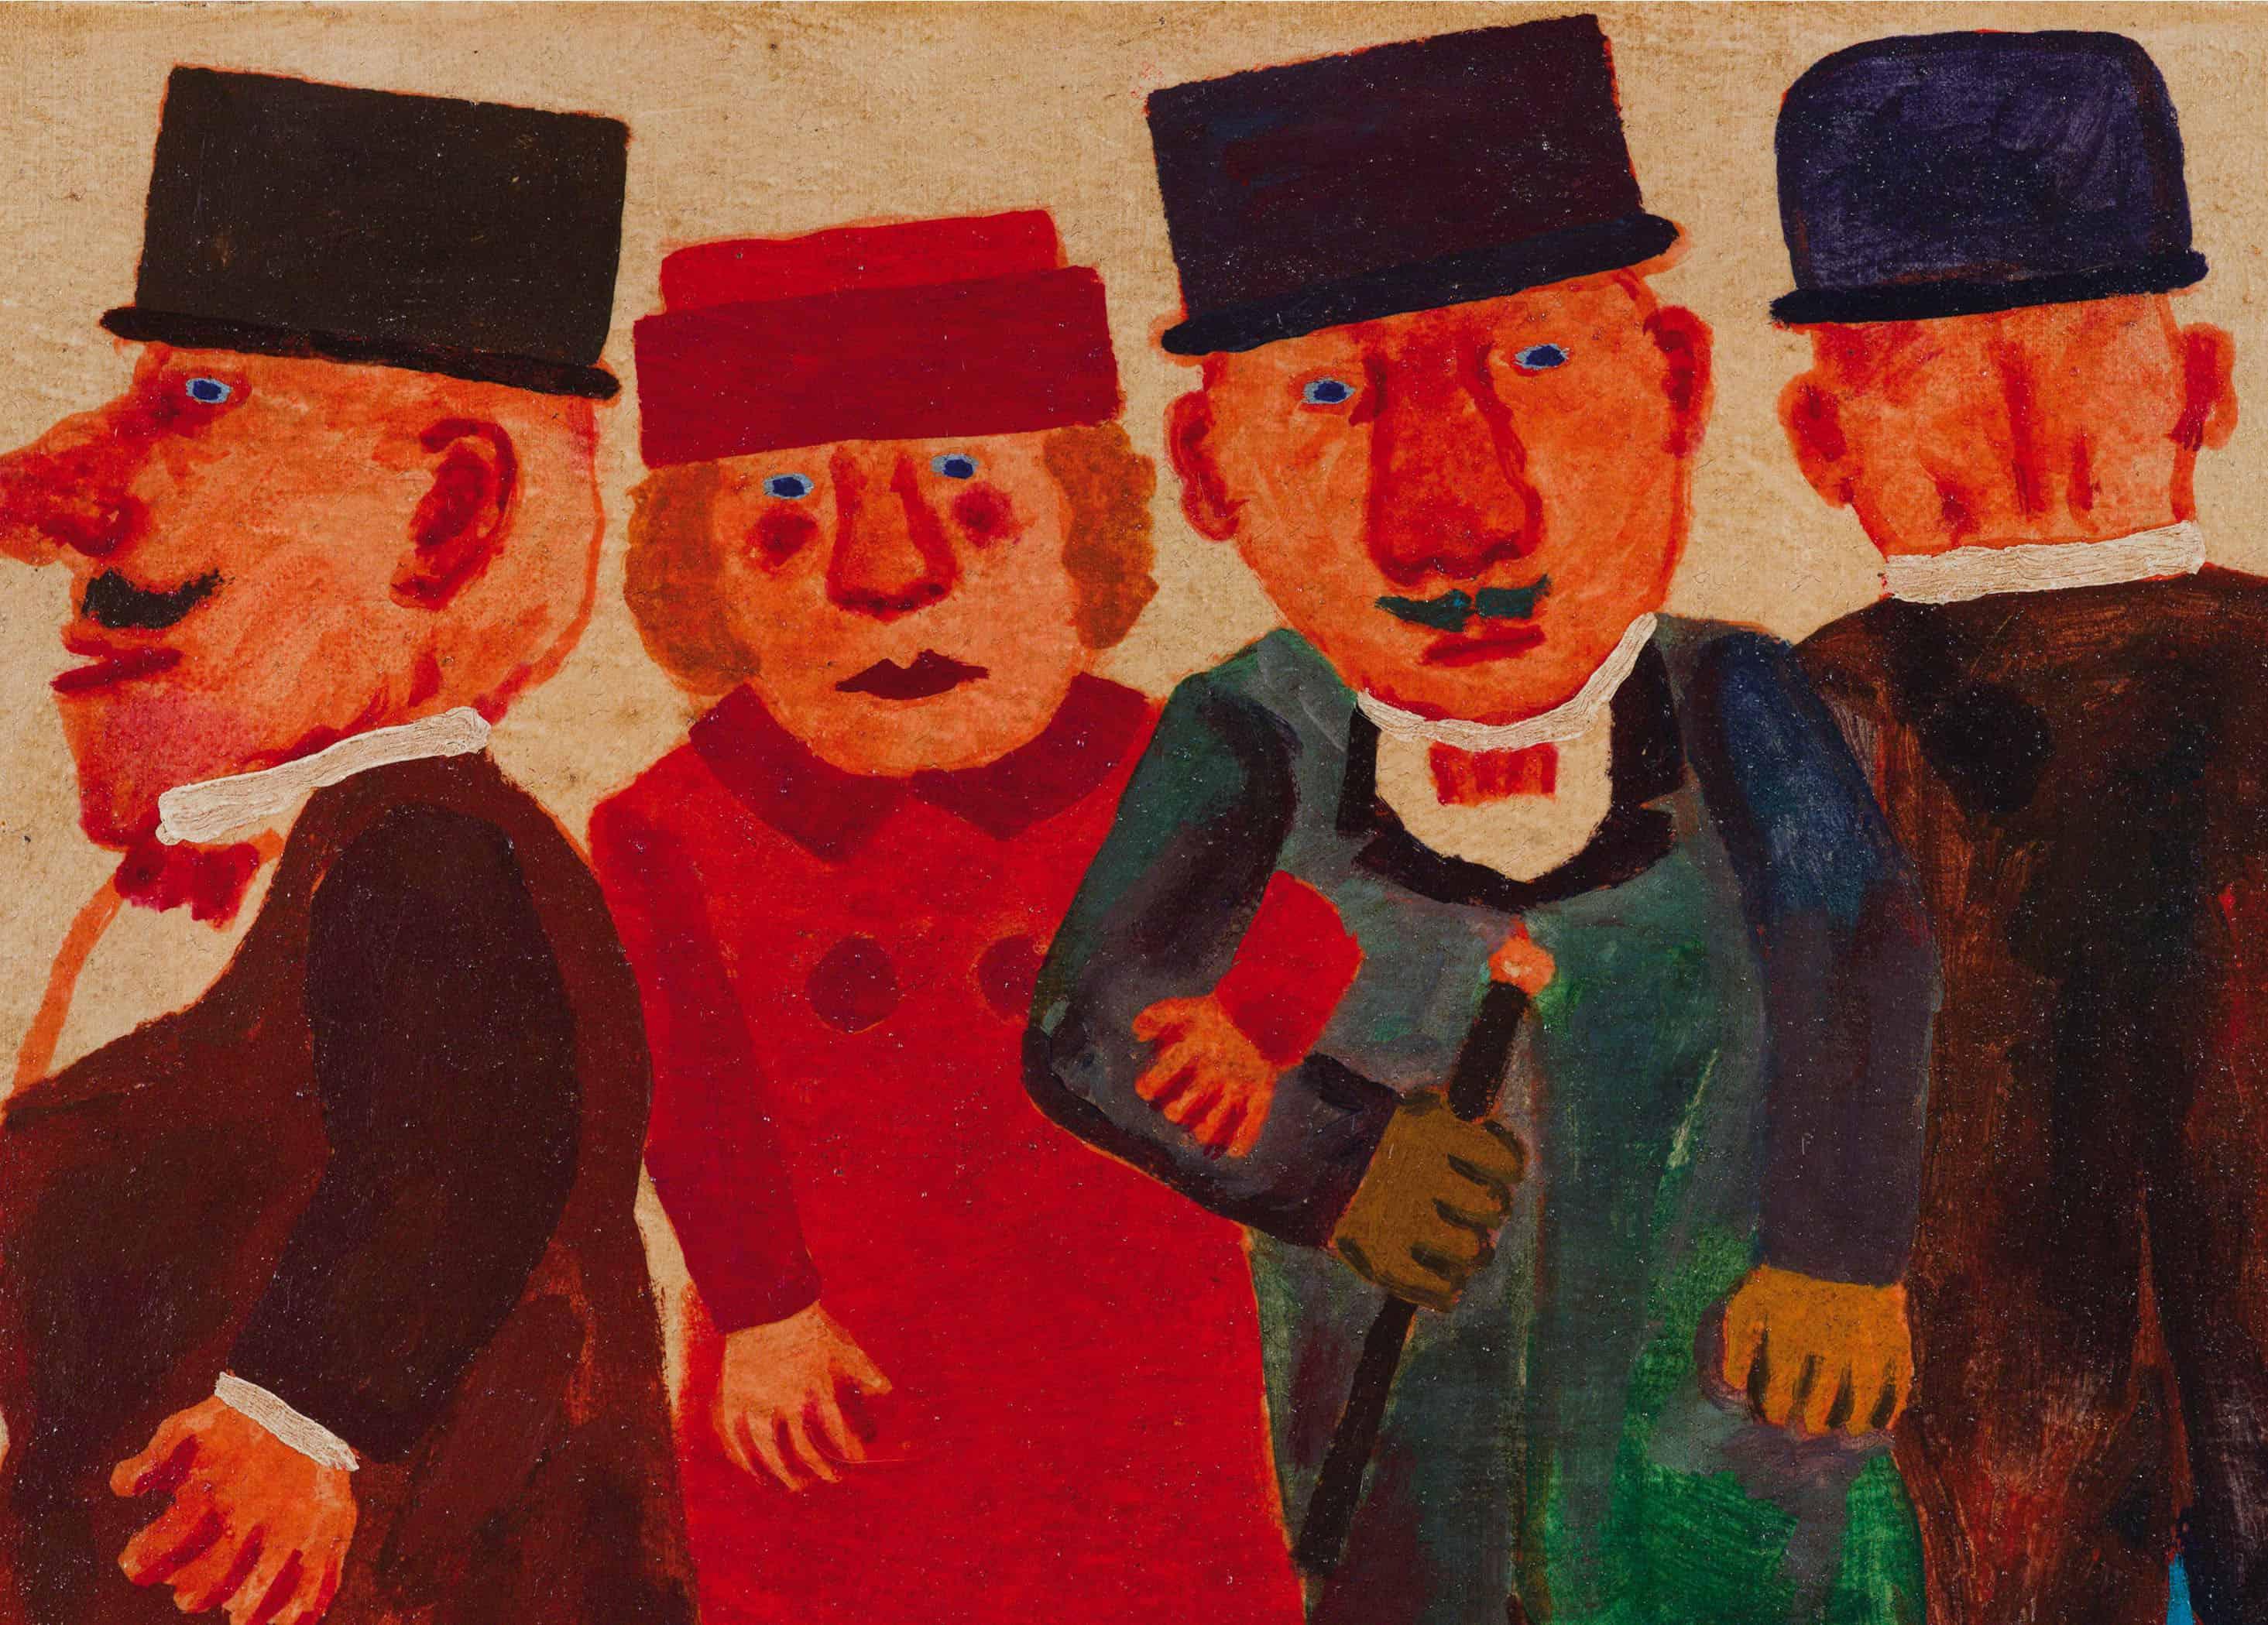 Franz-Borghese-Pittura-vendita-compro